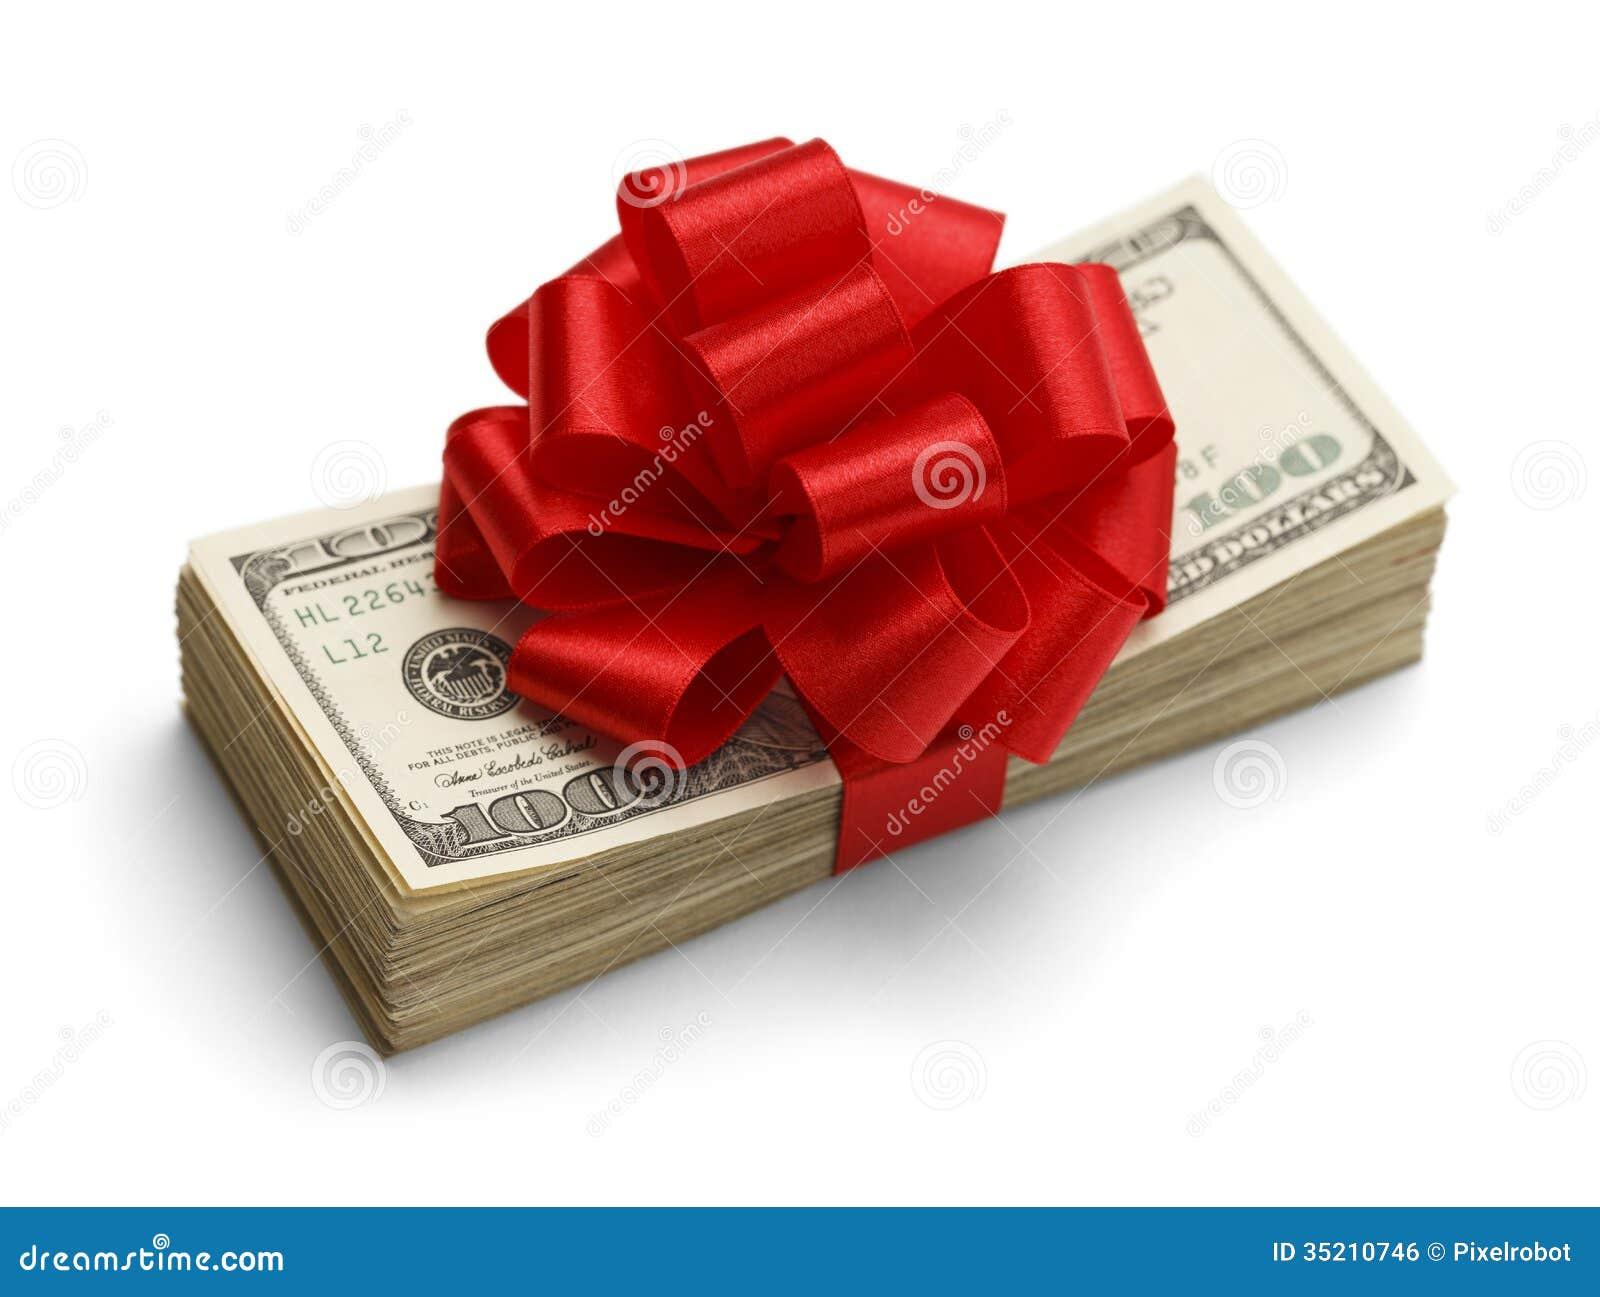 Стихи к подарку деньги - прикольные, серьезные, смешные, на свадьбу, на 99